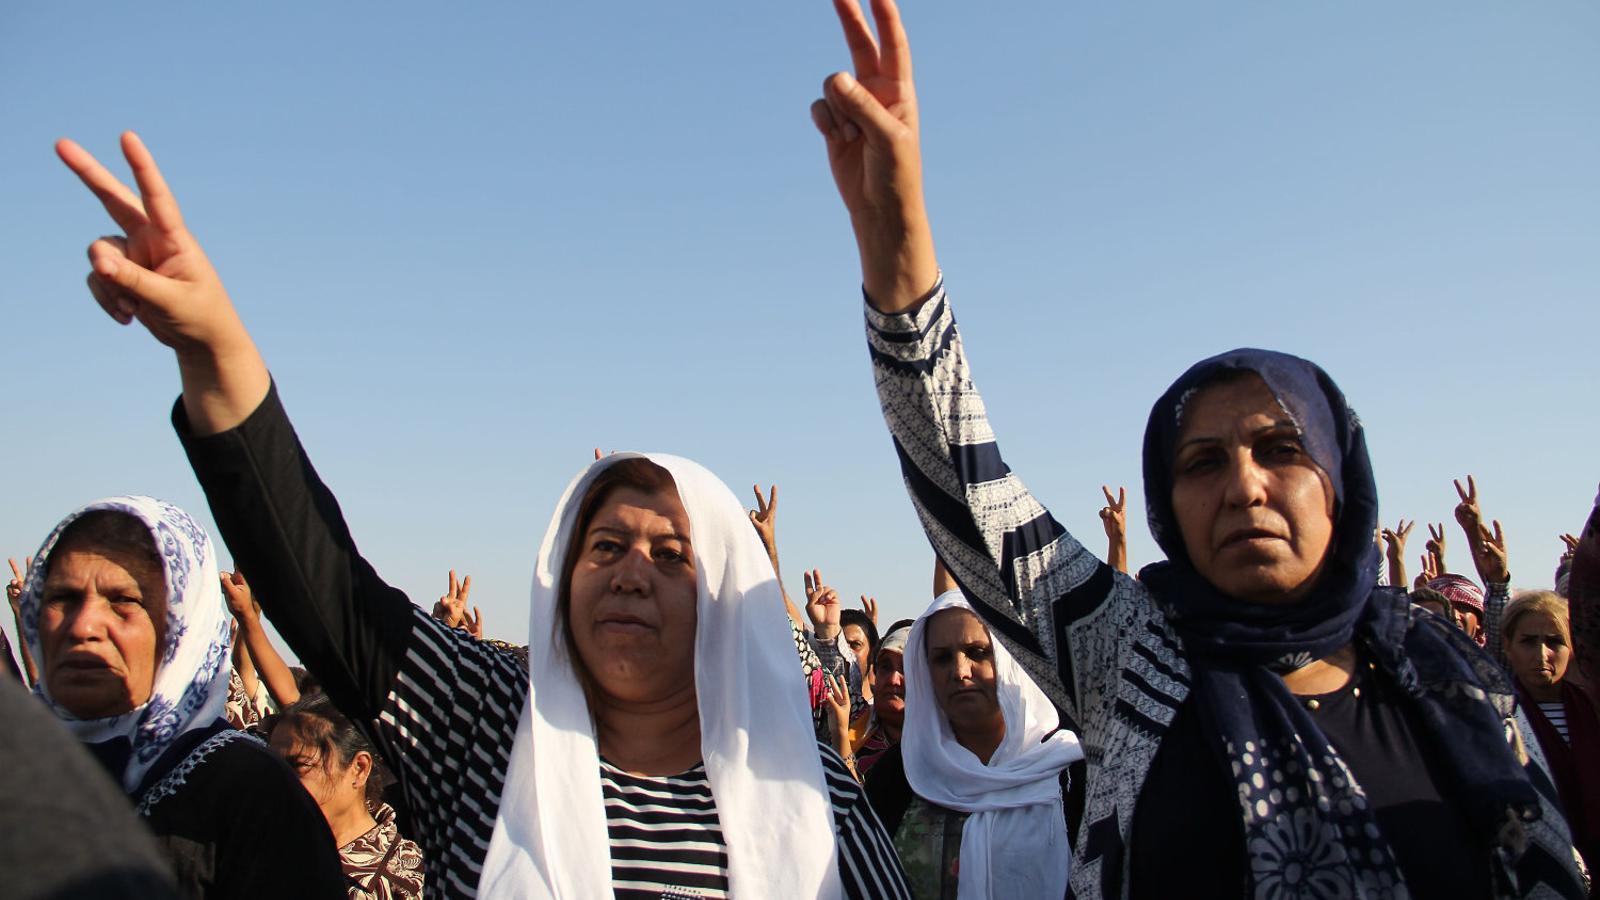 Fre a l'emancipació de la dona al nord de Síria